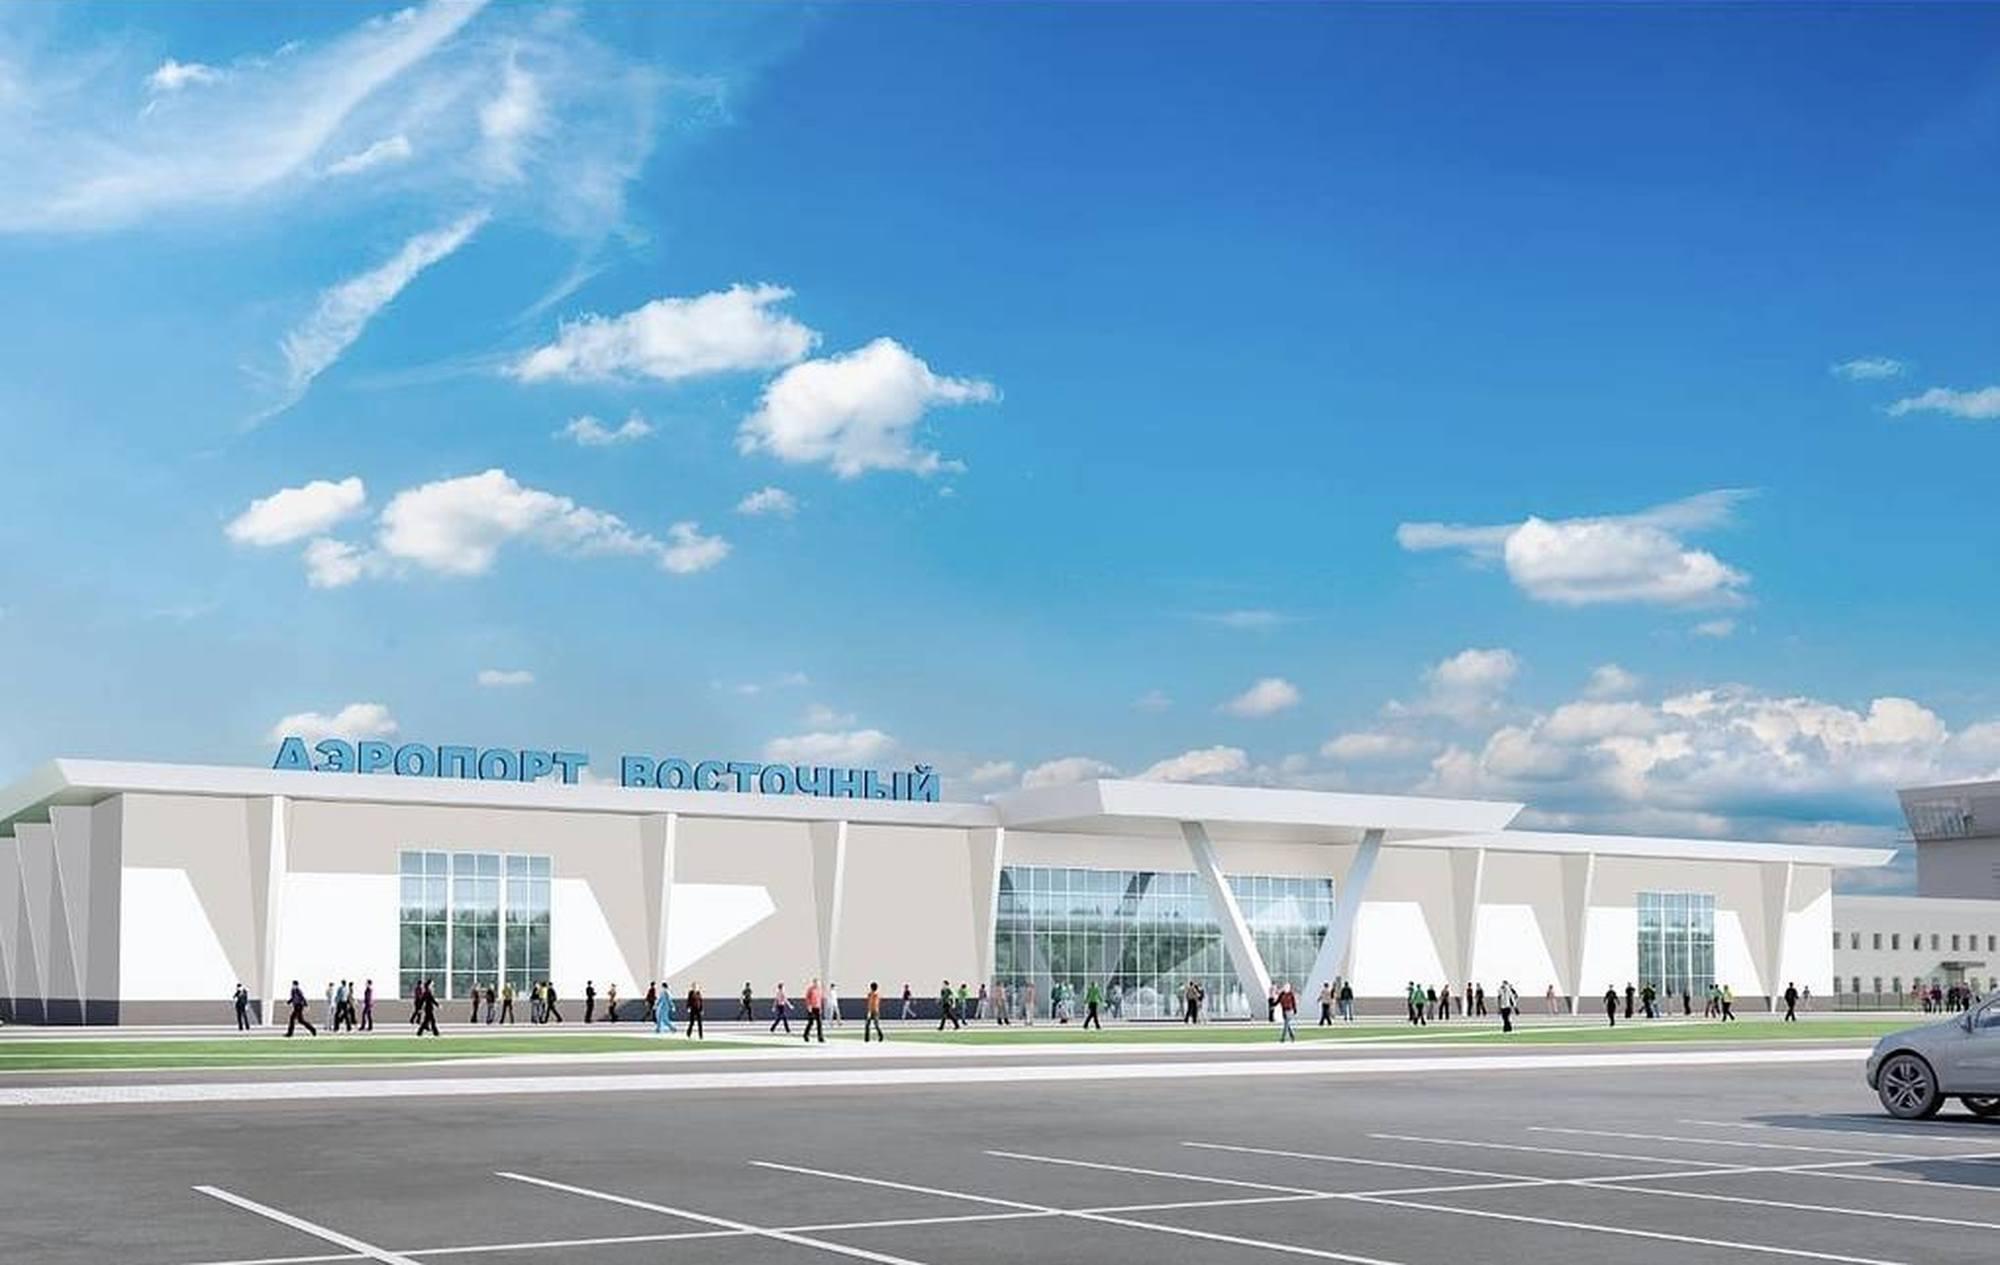 La nouvelle version de l'aérogare (terminal) de l'aéroport de Vostochny.